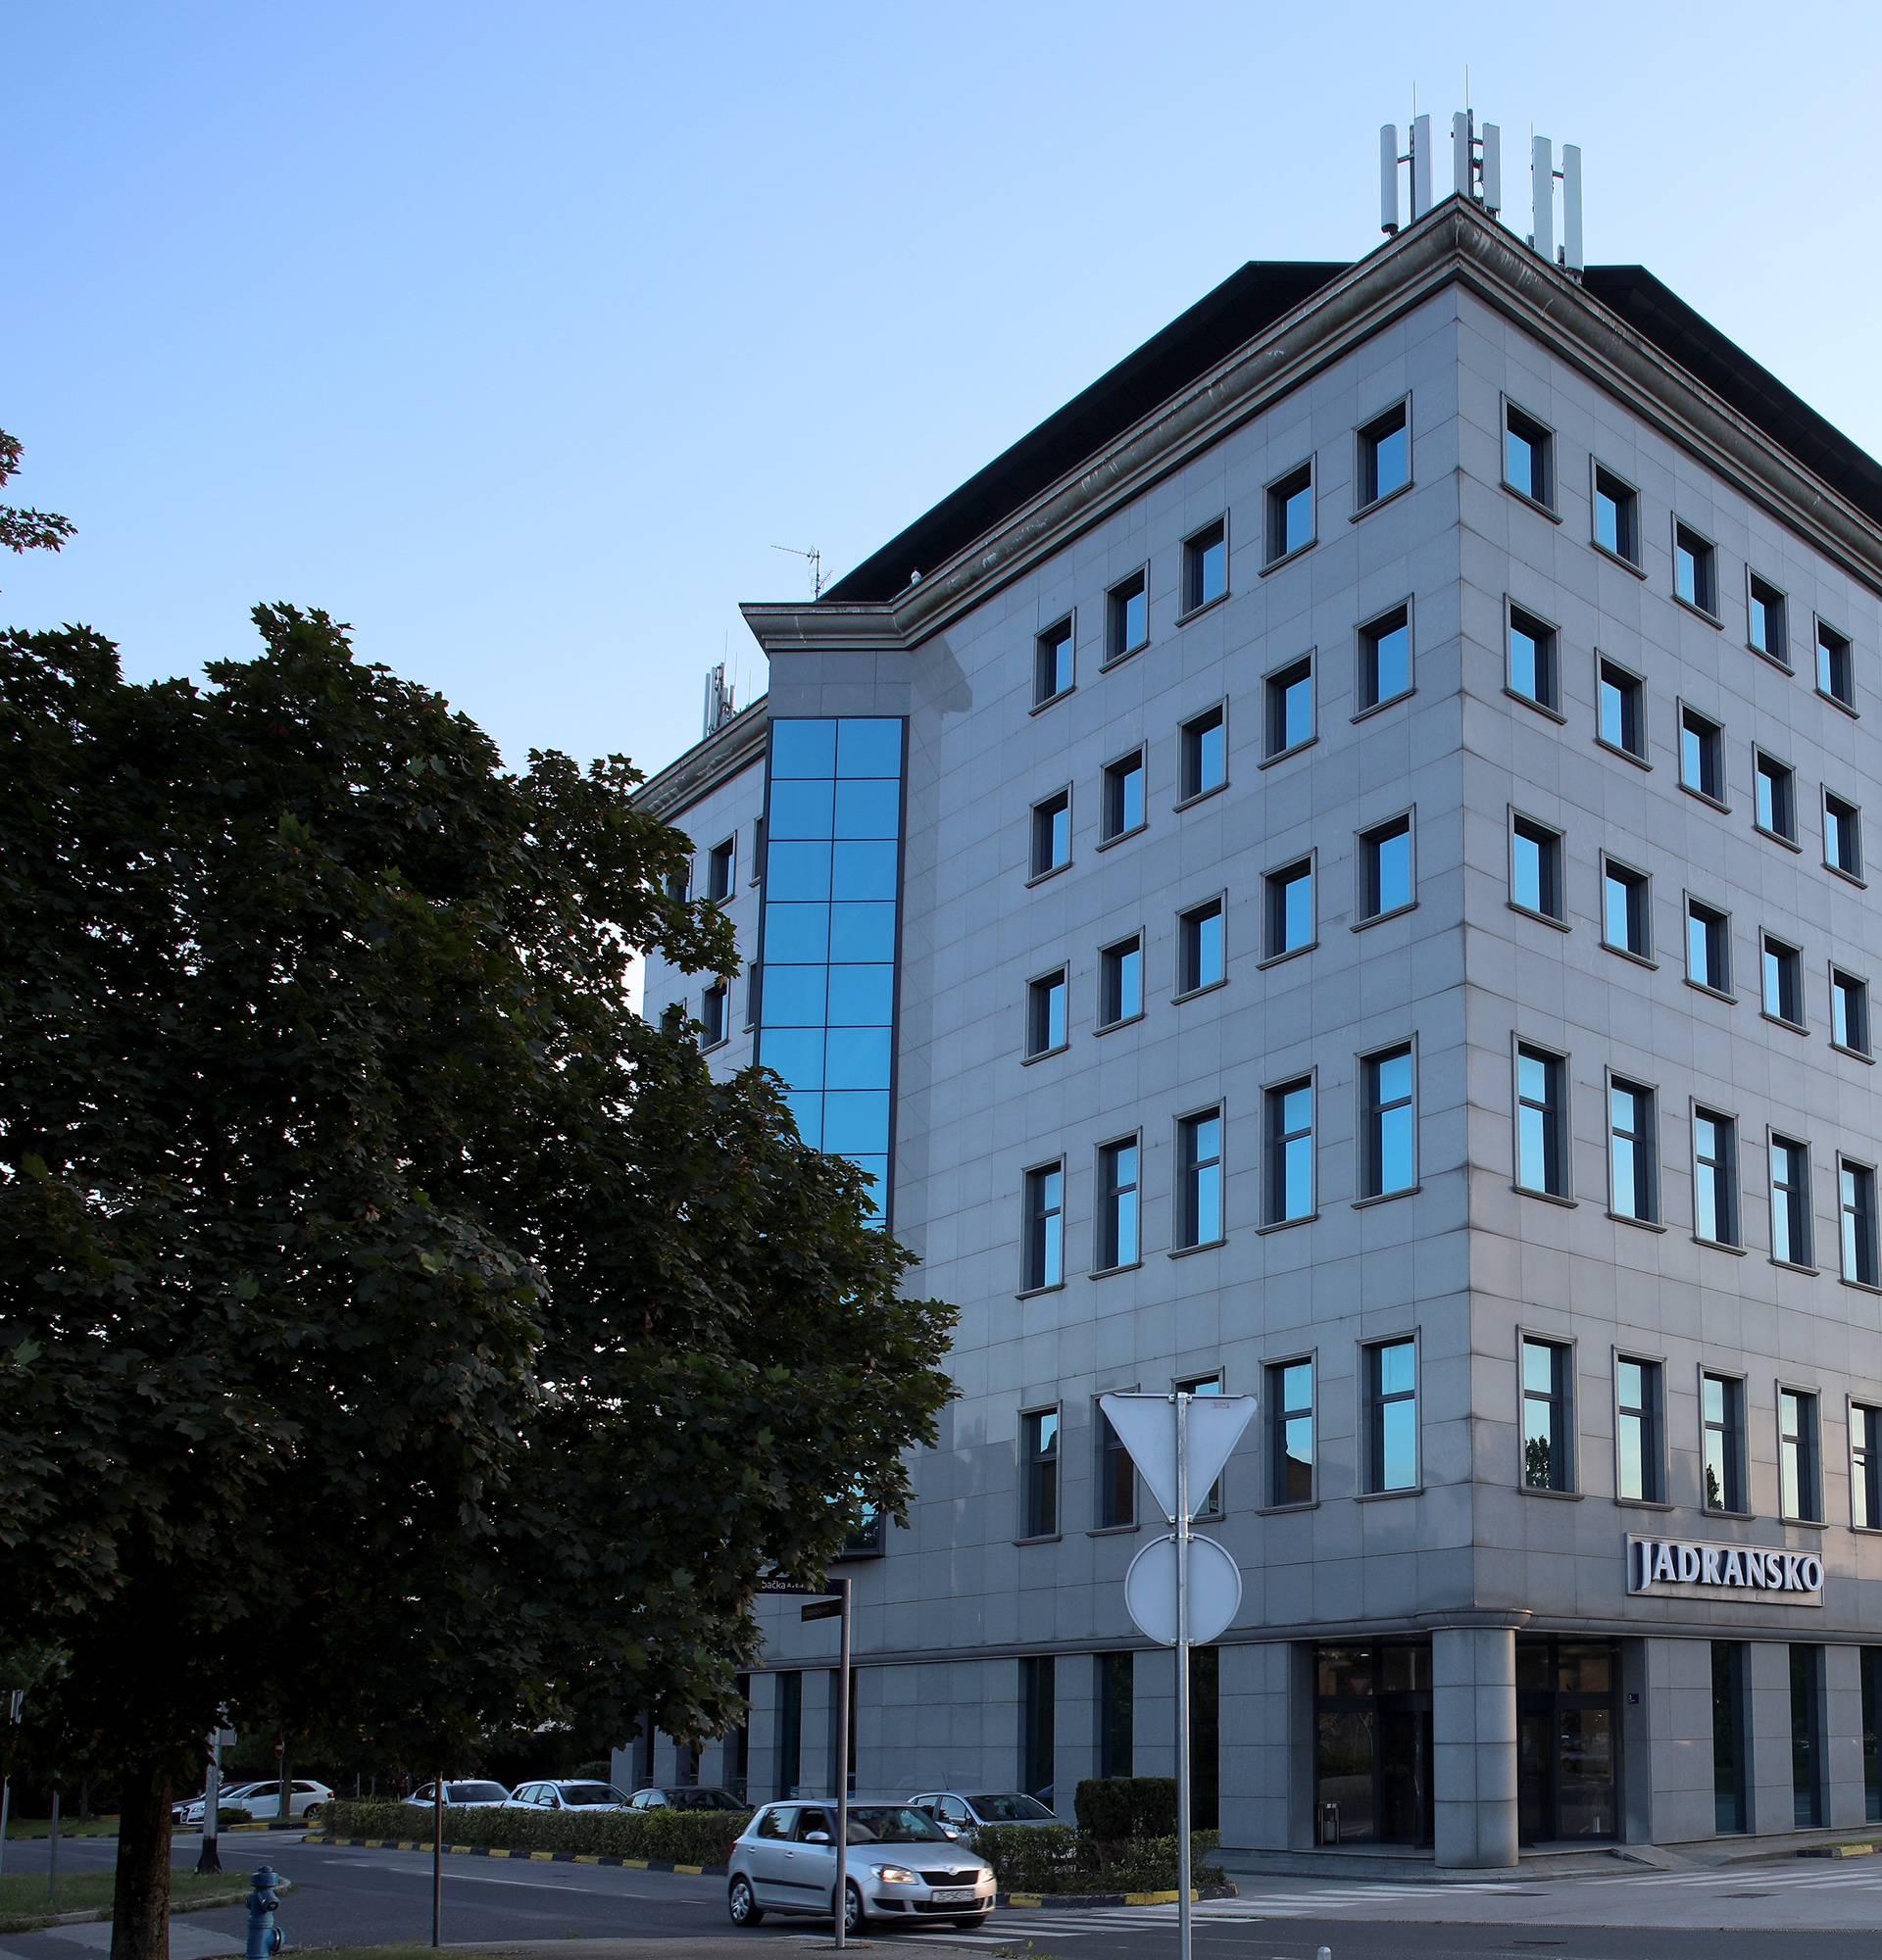 Jadransko mijenja ime u Adriatic osiguranje i širi se